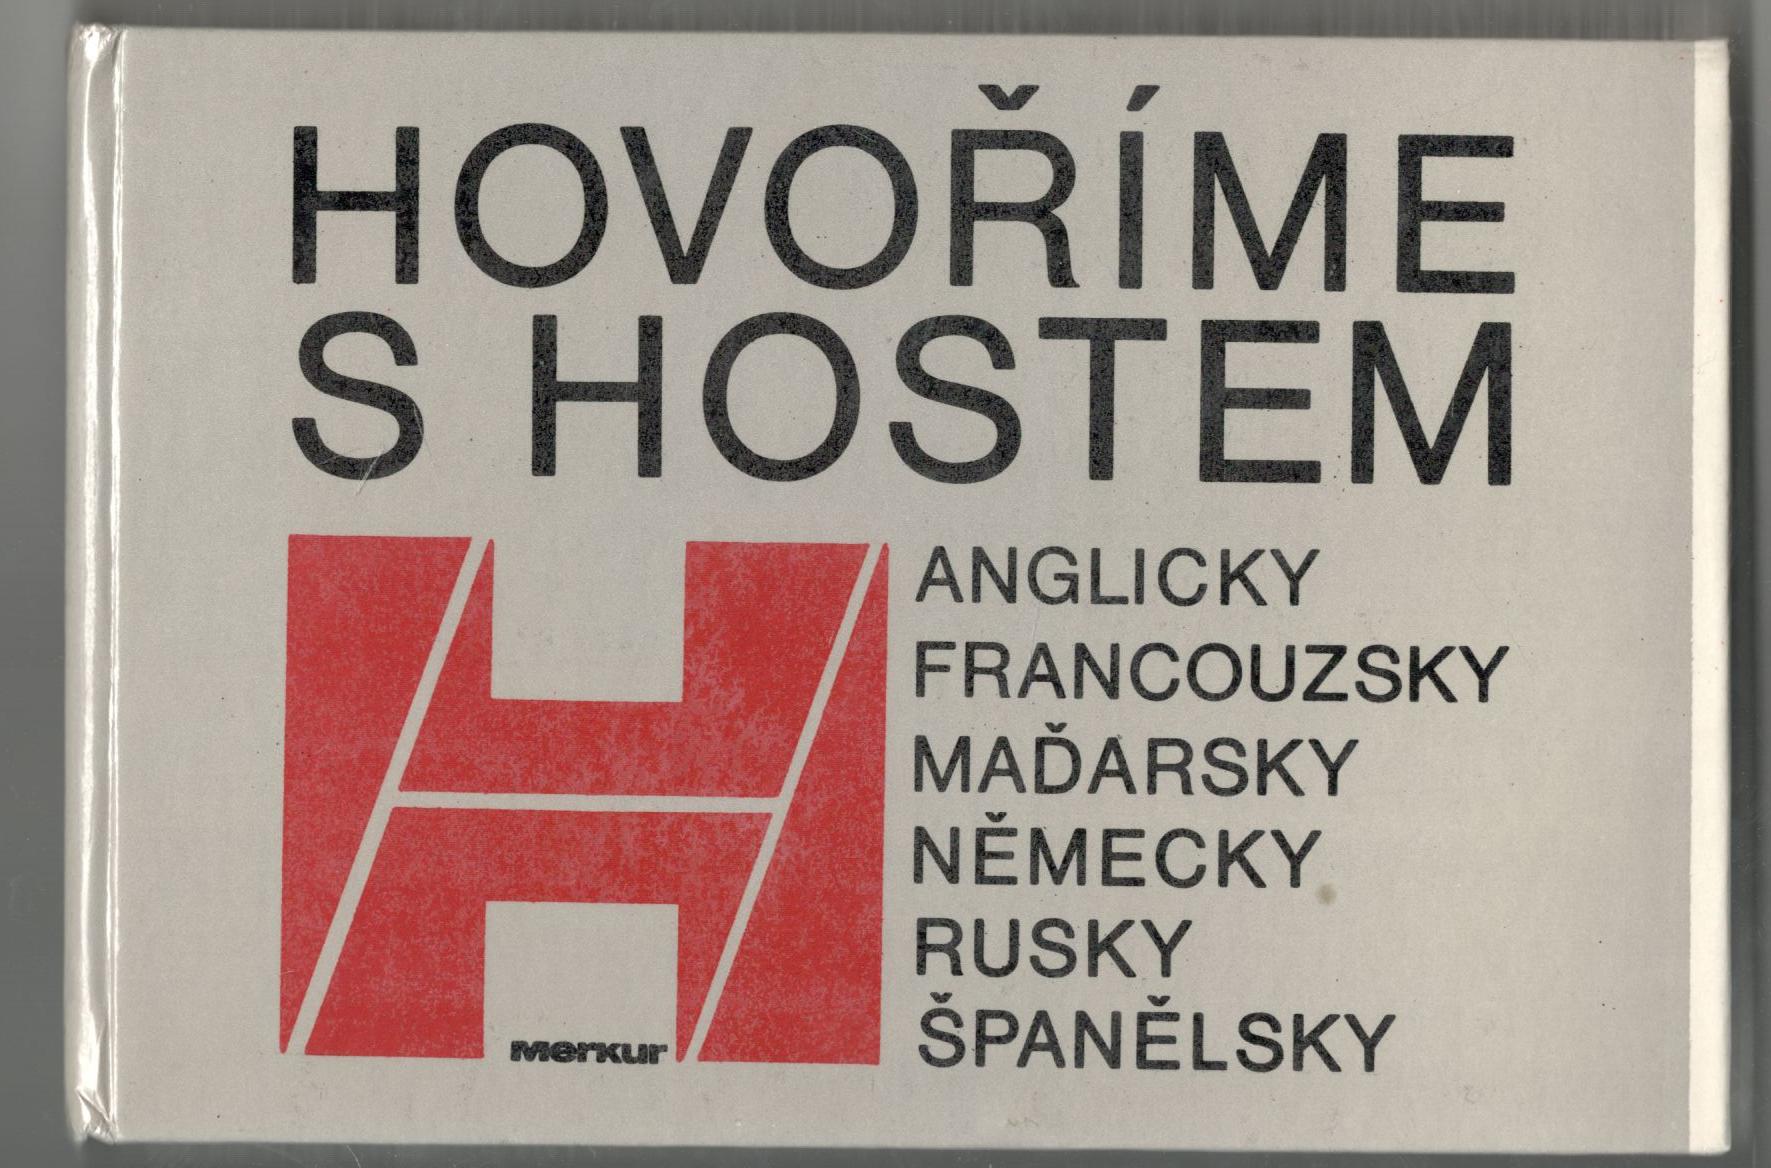 Hovoříme s hostem anglicky, francouzsky, maďarsky, německy, rusky, španělsky - A. Žižkovský, J. Čech, J. Krupička